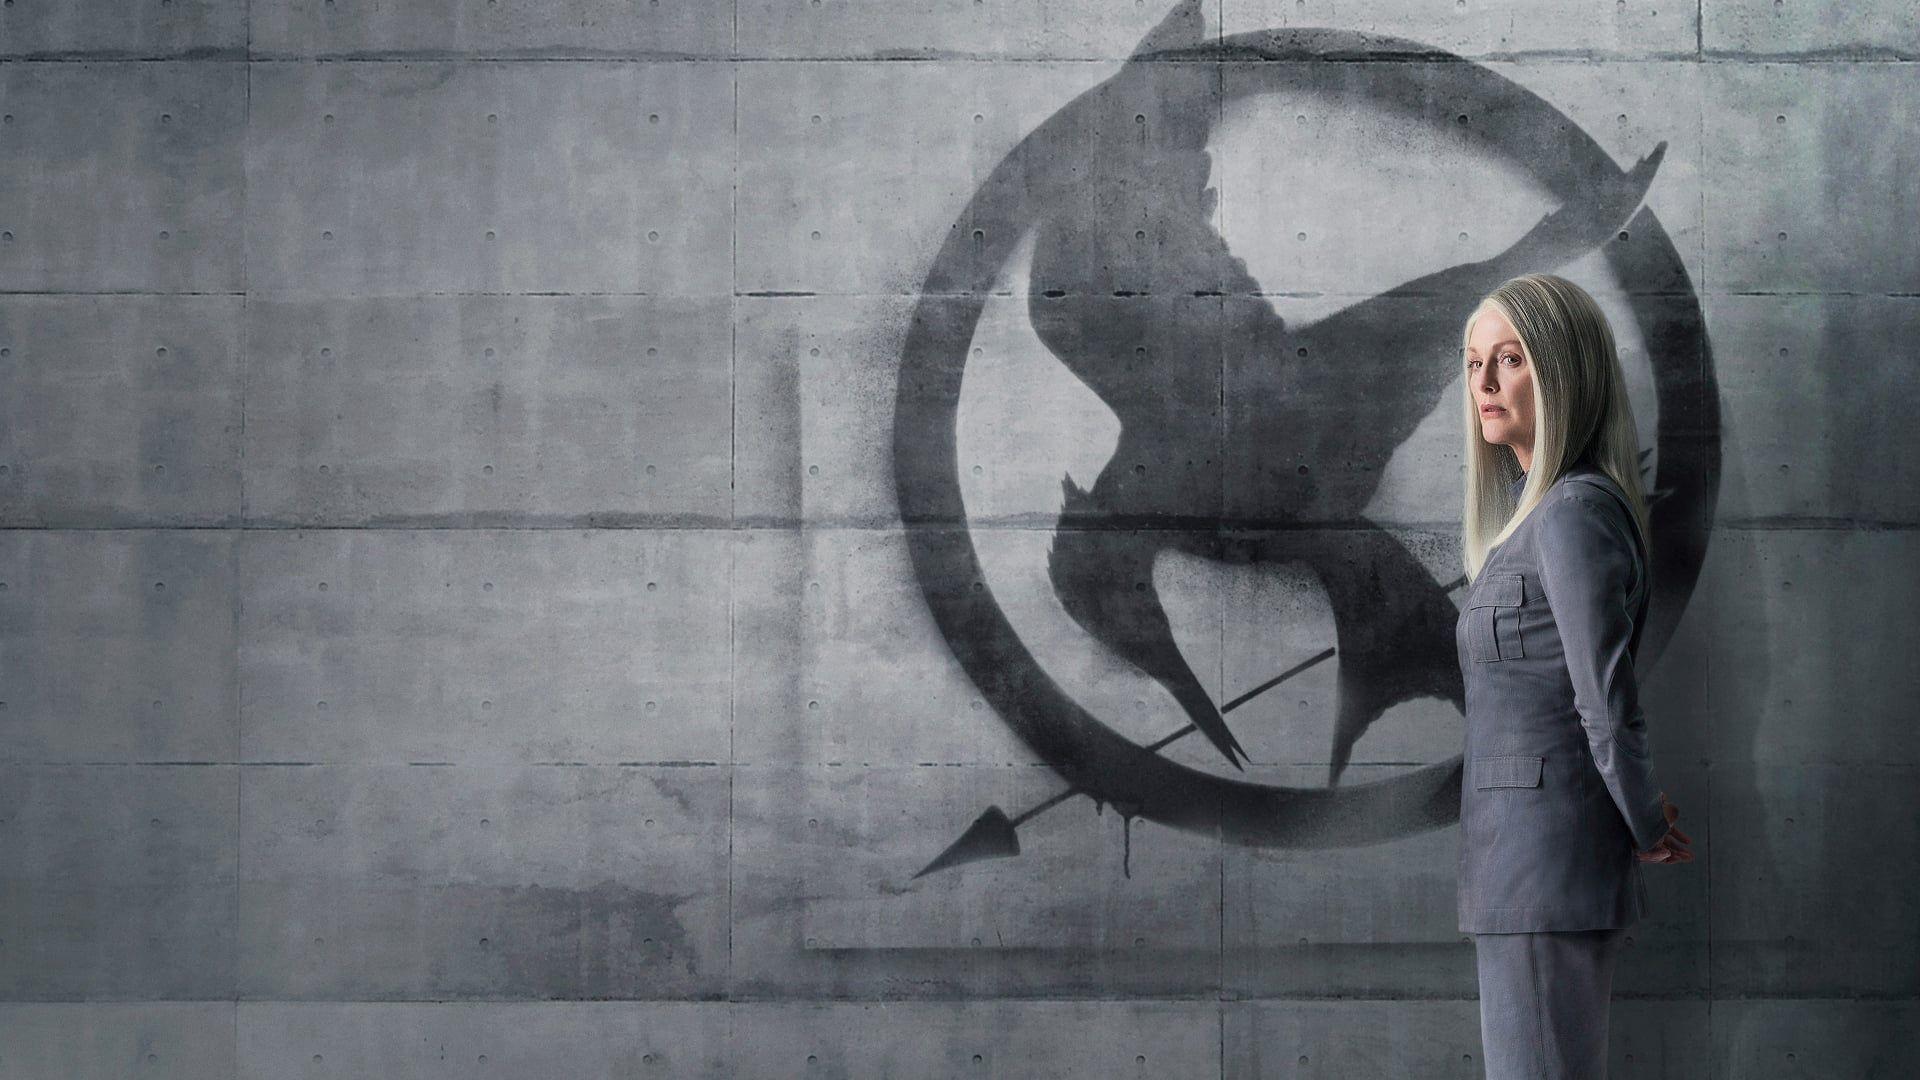 Katniss Everdeen S Est Refugiee Dans Le District 13 Apres Avoir Detruit A Jamais L Arene Et Les Jeux Sous Le Comman Hunger Games Mockingjay Free Movies Online